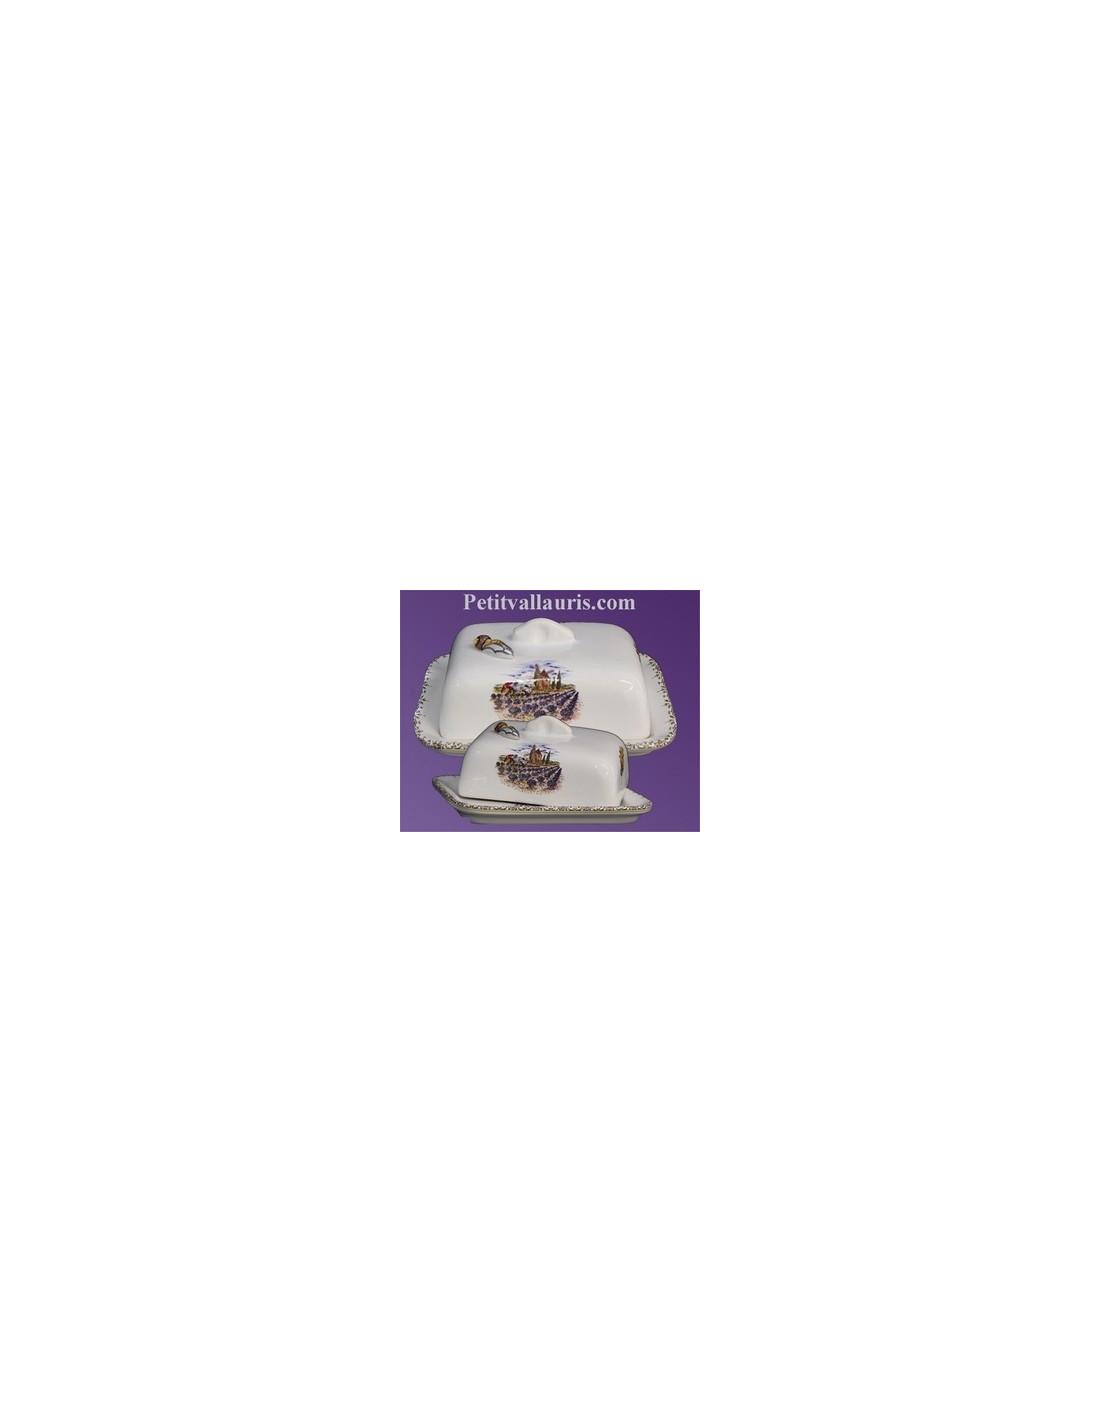 beurrier en faience blanche decor motif provencal et cigale en relief